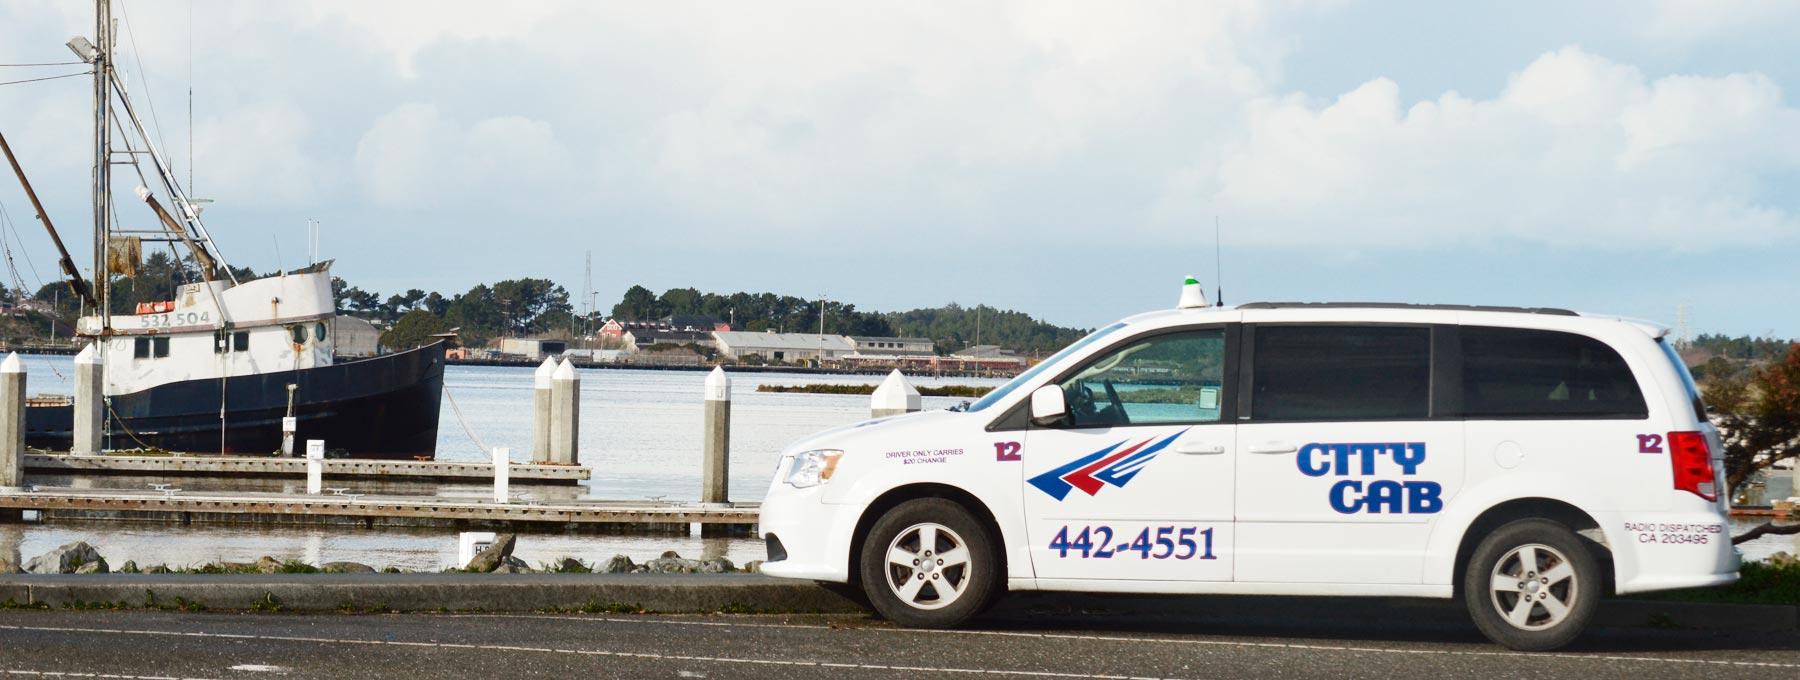 Taxi Companies in Arcata, CA